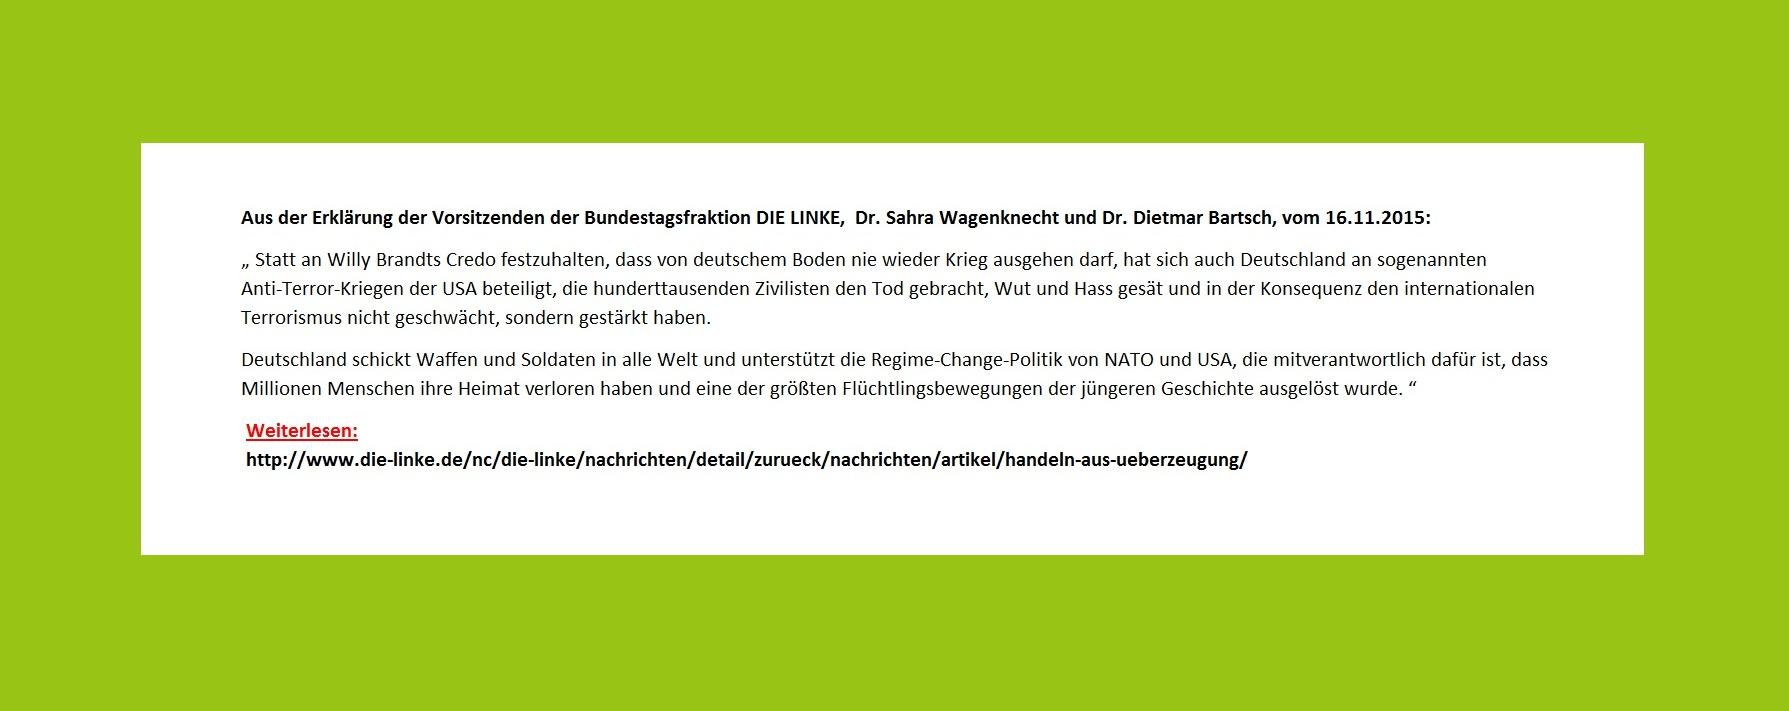 Aus der Erklärung der Vorsitzenden der Bundestagsfraktion DIE LINKE,  Dr. Sahra Wagenknecht und Dr. Dietmar Bartsch: Statt an Willy Brandts Credo festzuhalten, dass von deutschem Boden nie wieder Krieg ausgehen darf, hat sich auch Deutschland an sogenannten Anti-Terror-Kriegen der USA beteiligt, die hunderttausenden Zivilisten den Tod gebracht, Wut und Hass gesät und in der Konsequenz den internationalen Terrorismus nicht geschwächt, sondern gestärkt haben.